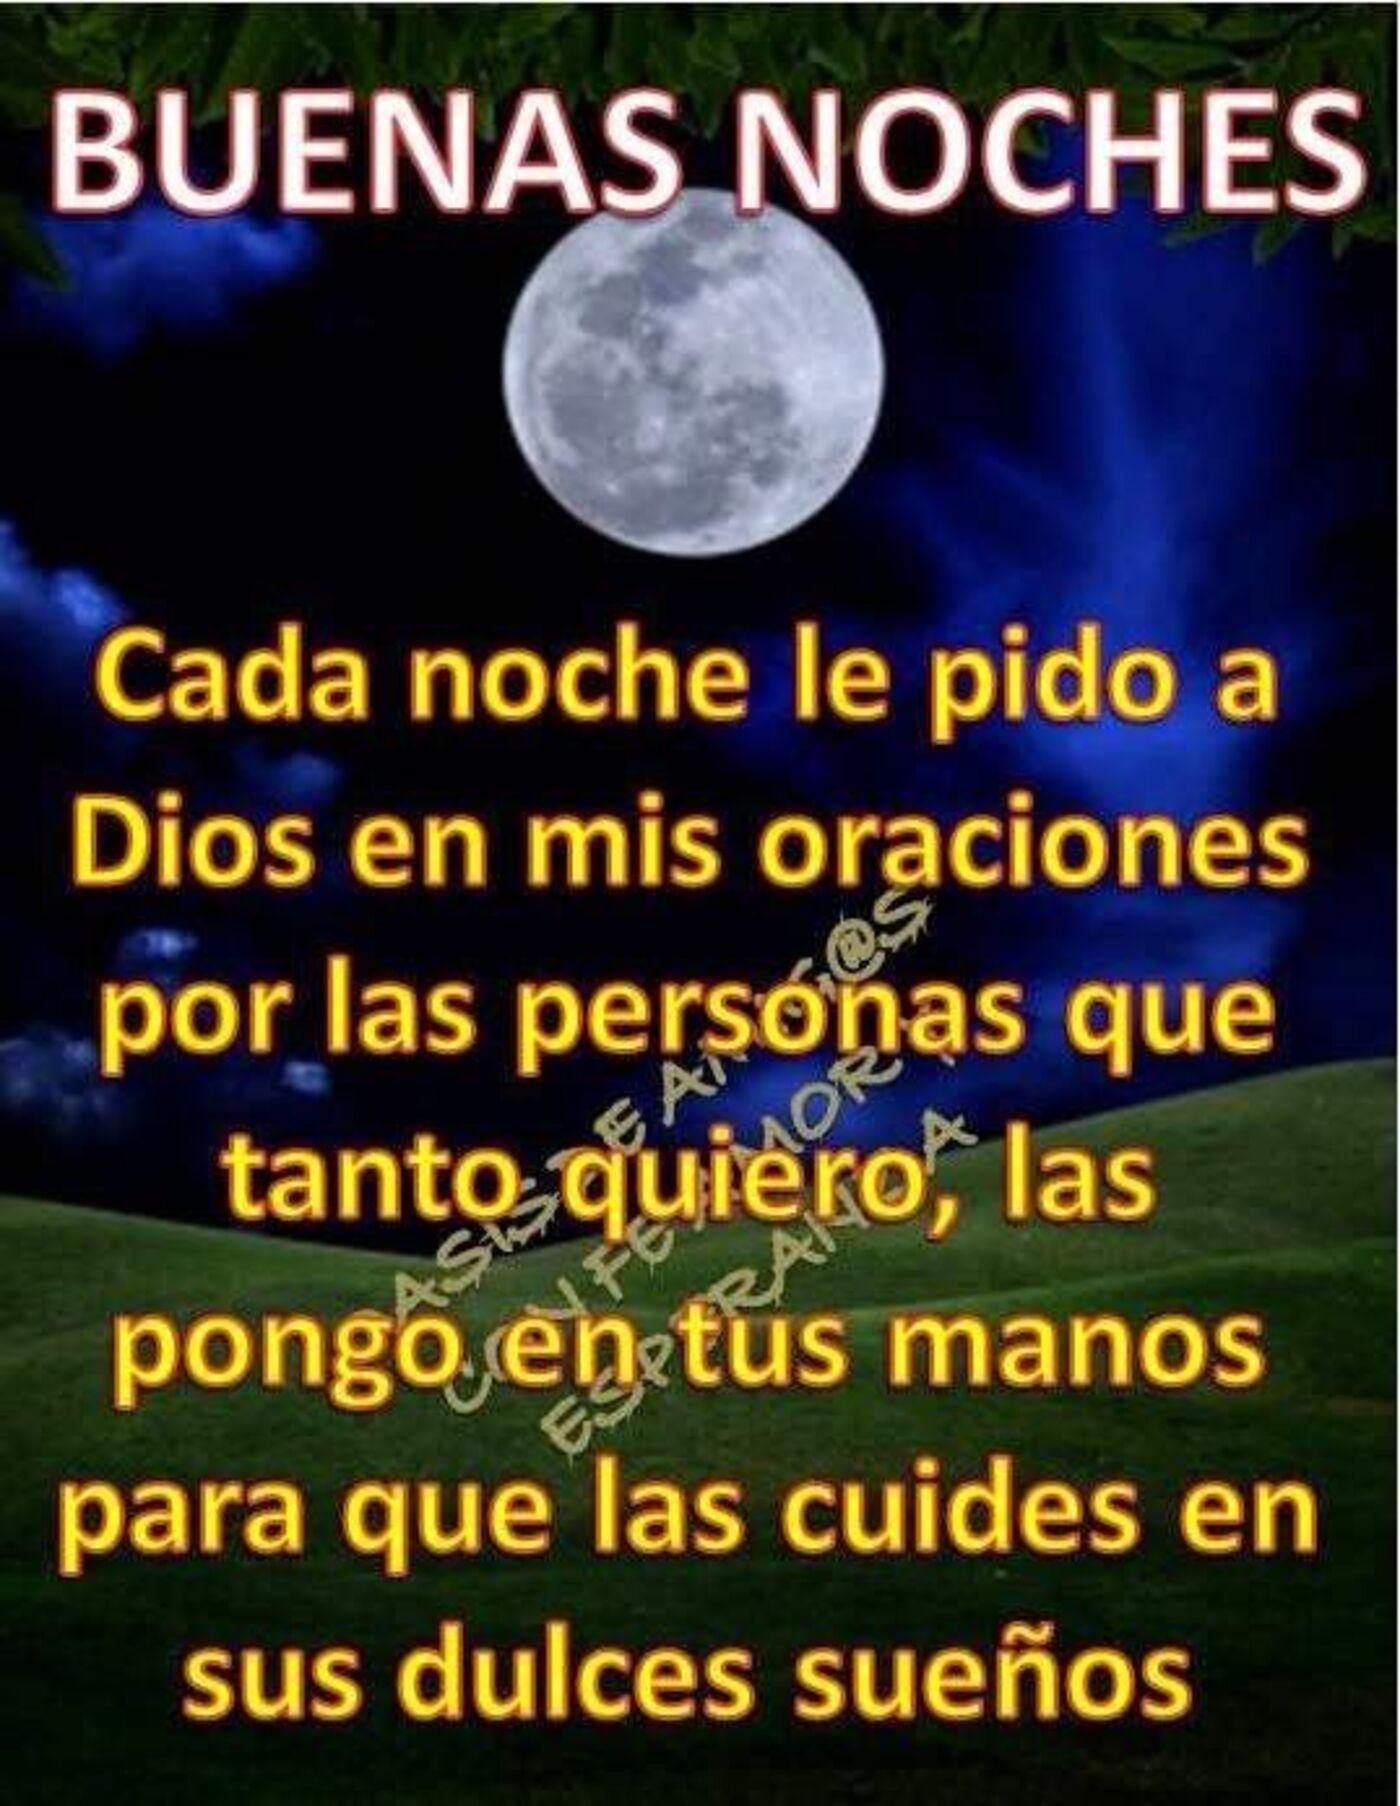 Buenas noches cada noche le pido a Dios en mis oraciones por las personas que tanto quiero, las pongo en tus manos para que las cuides en sus dulces sueños